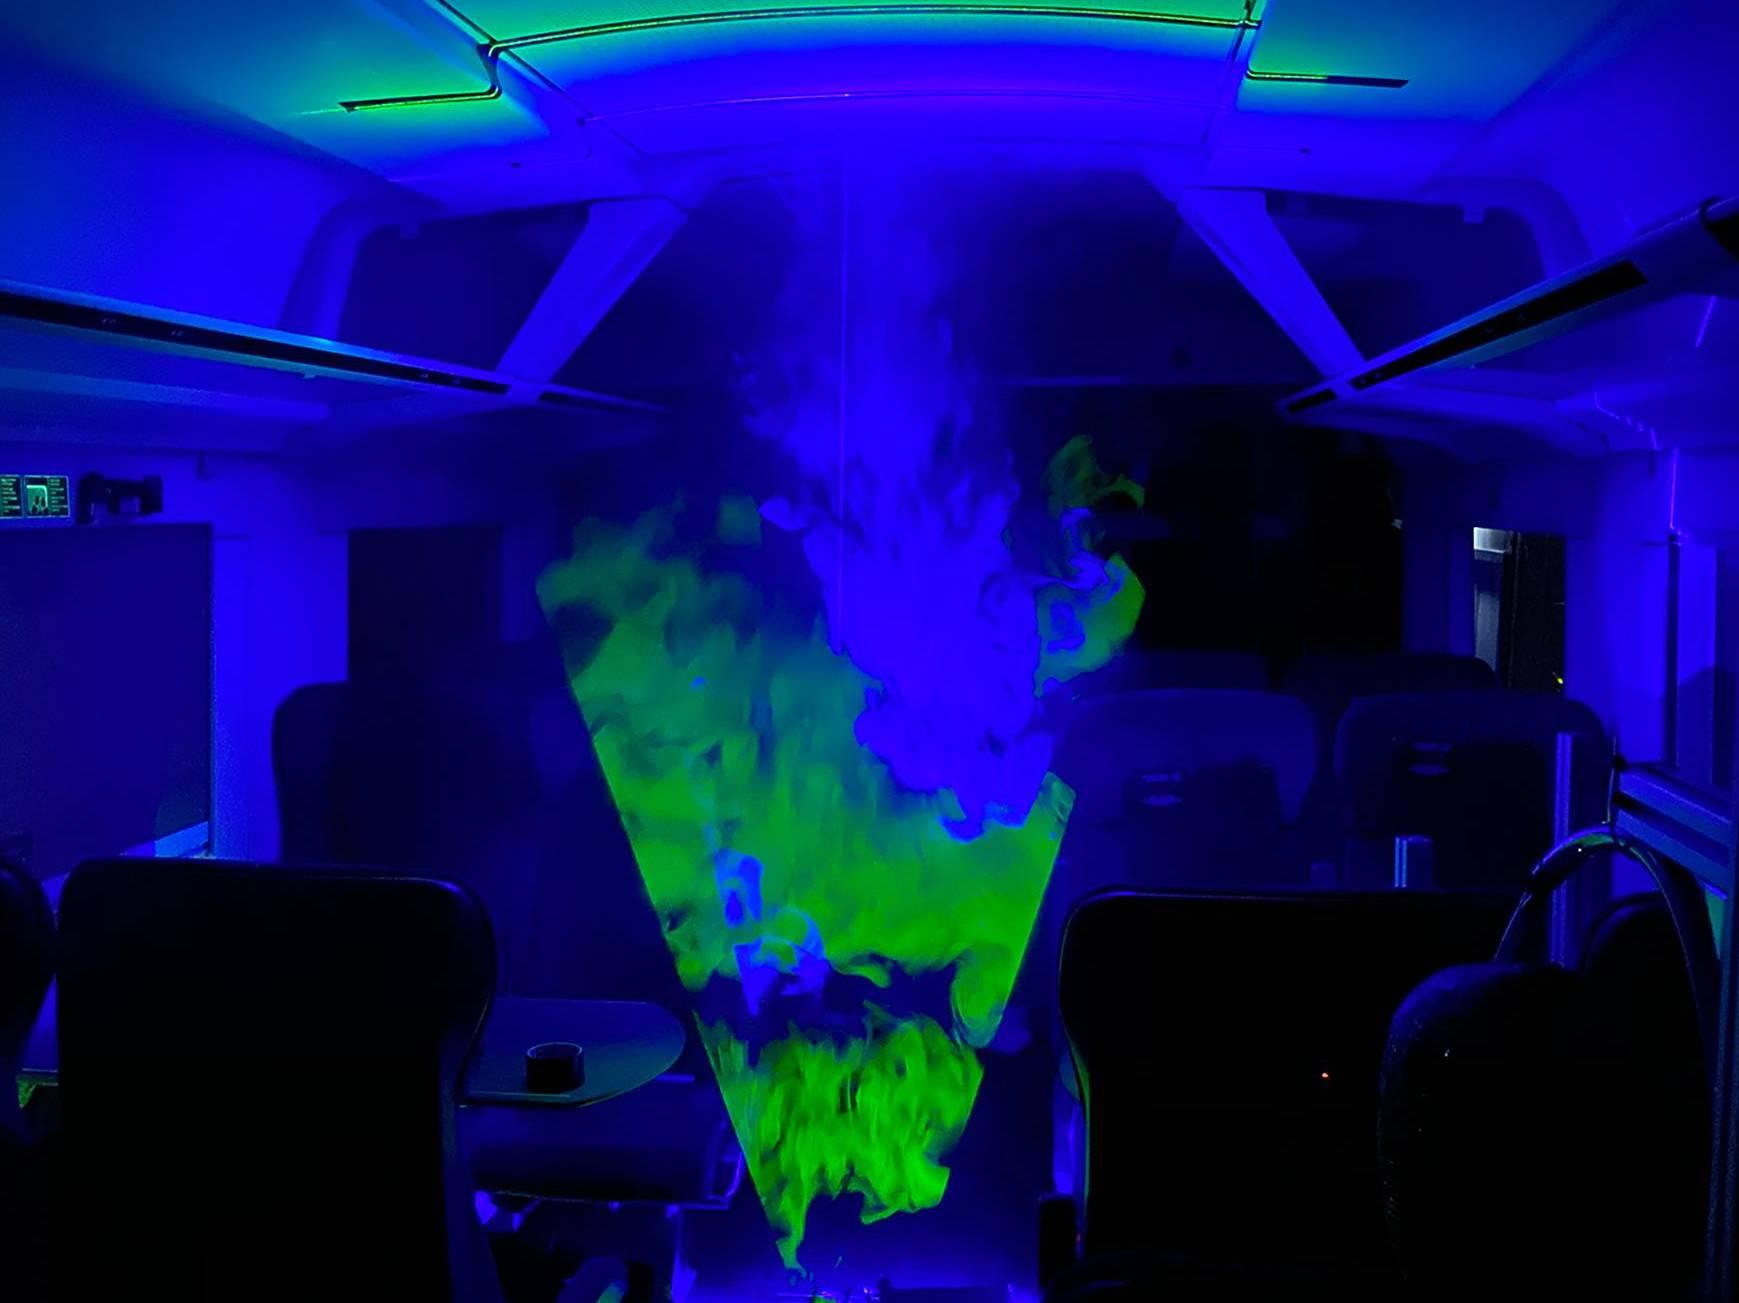 Laser-Rauch-Visualisierungen in einem Zug